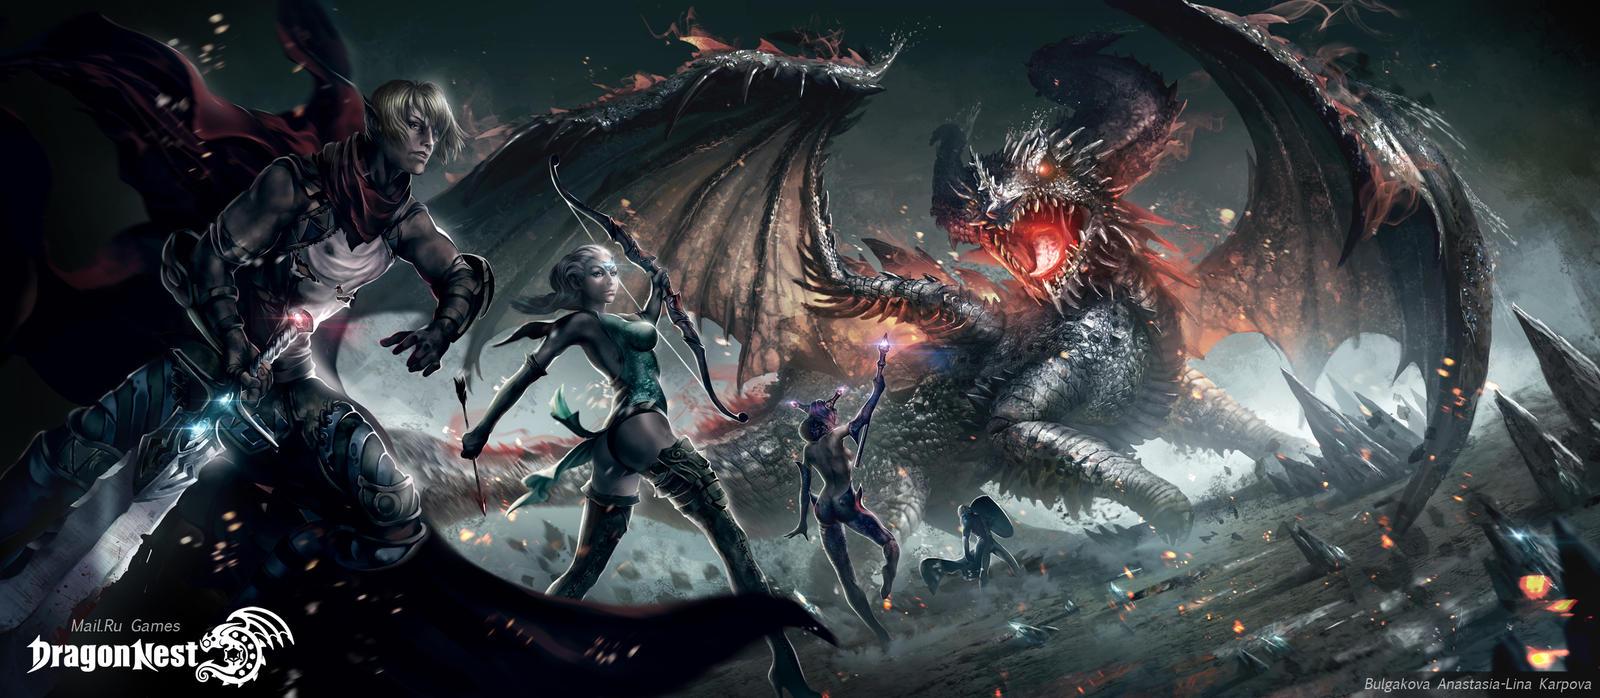 4 героя против чёрного дракона.